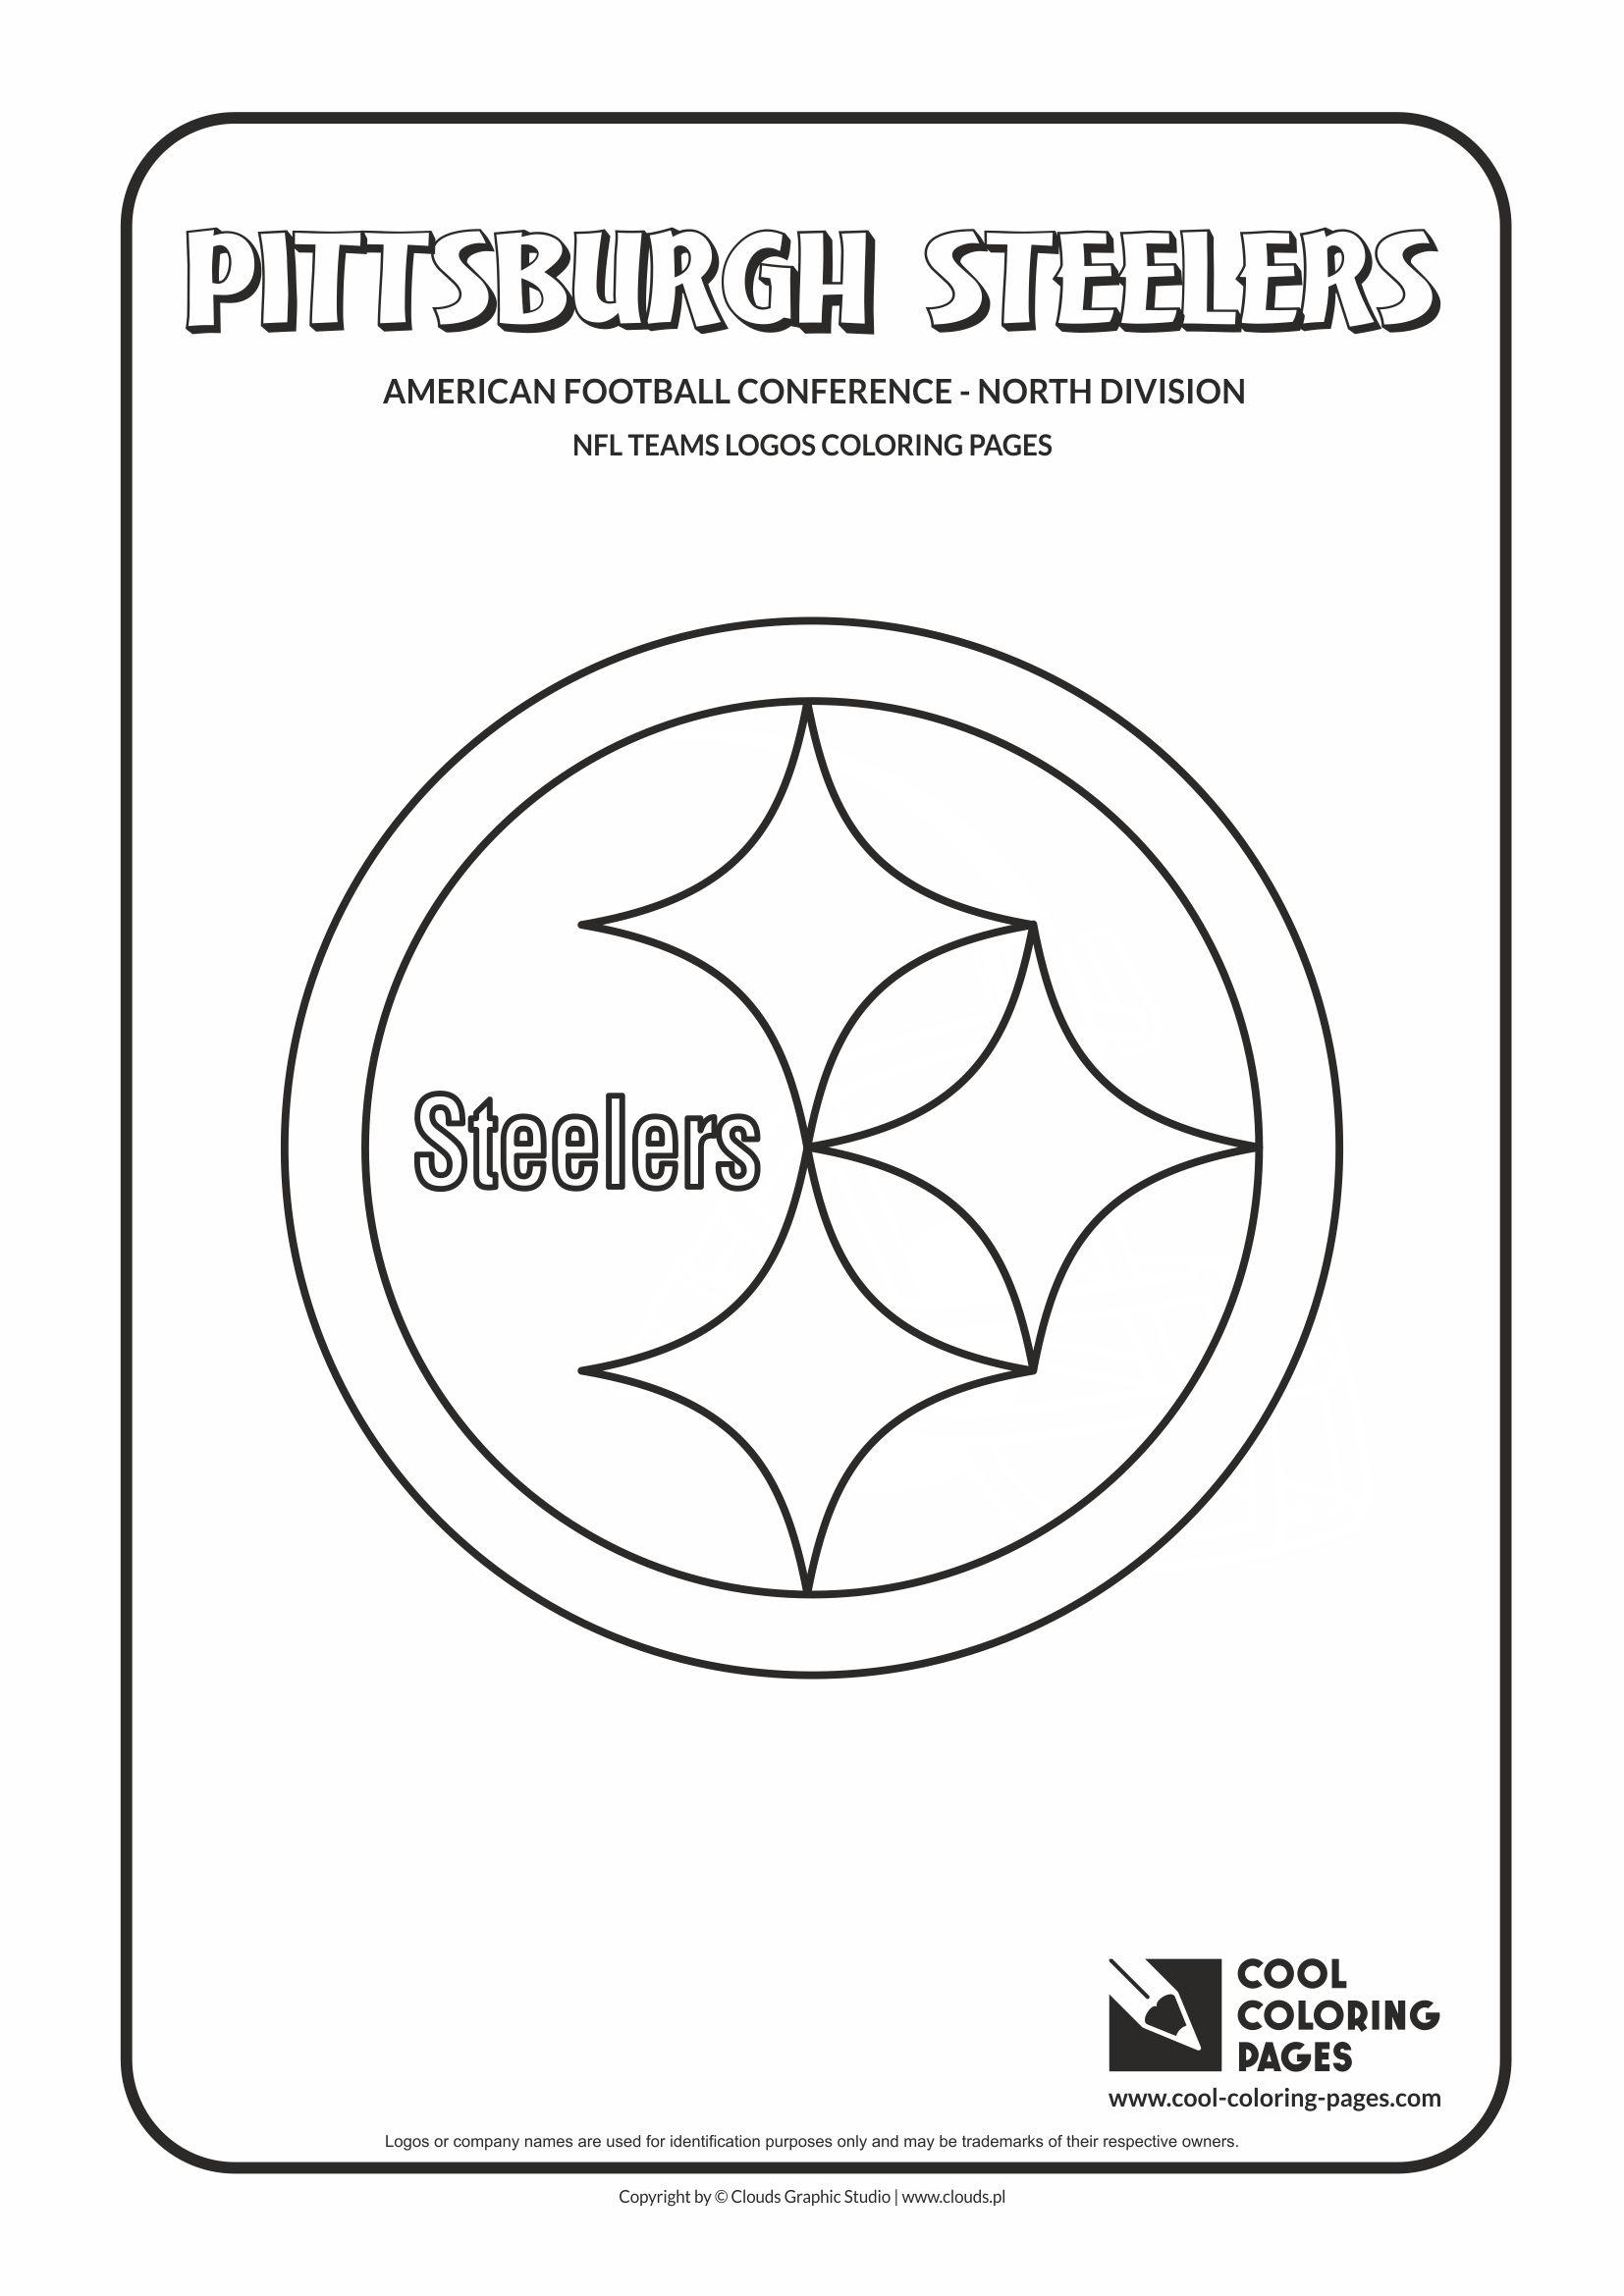 pittsburgh steelers nfl american football teams logos coloring